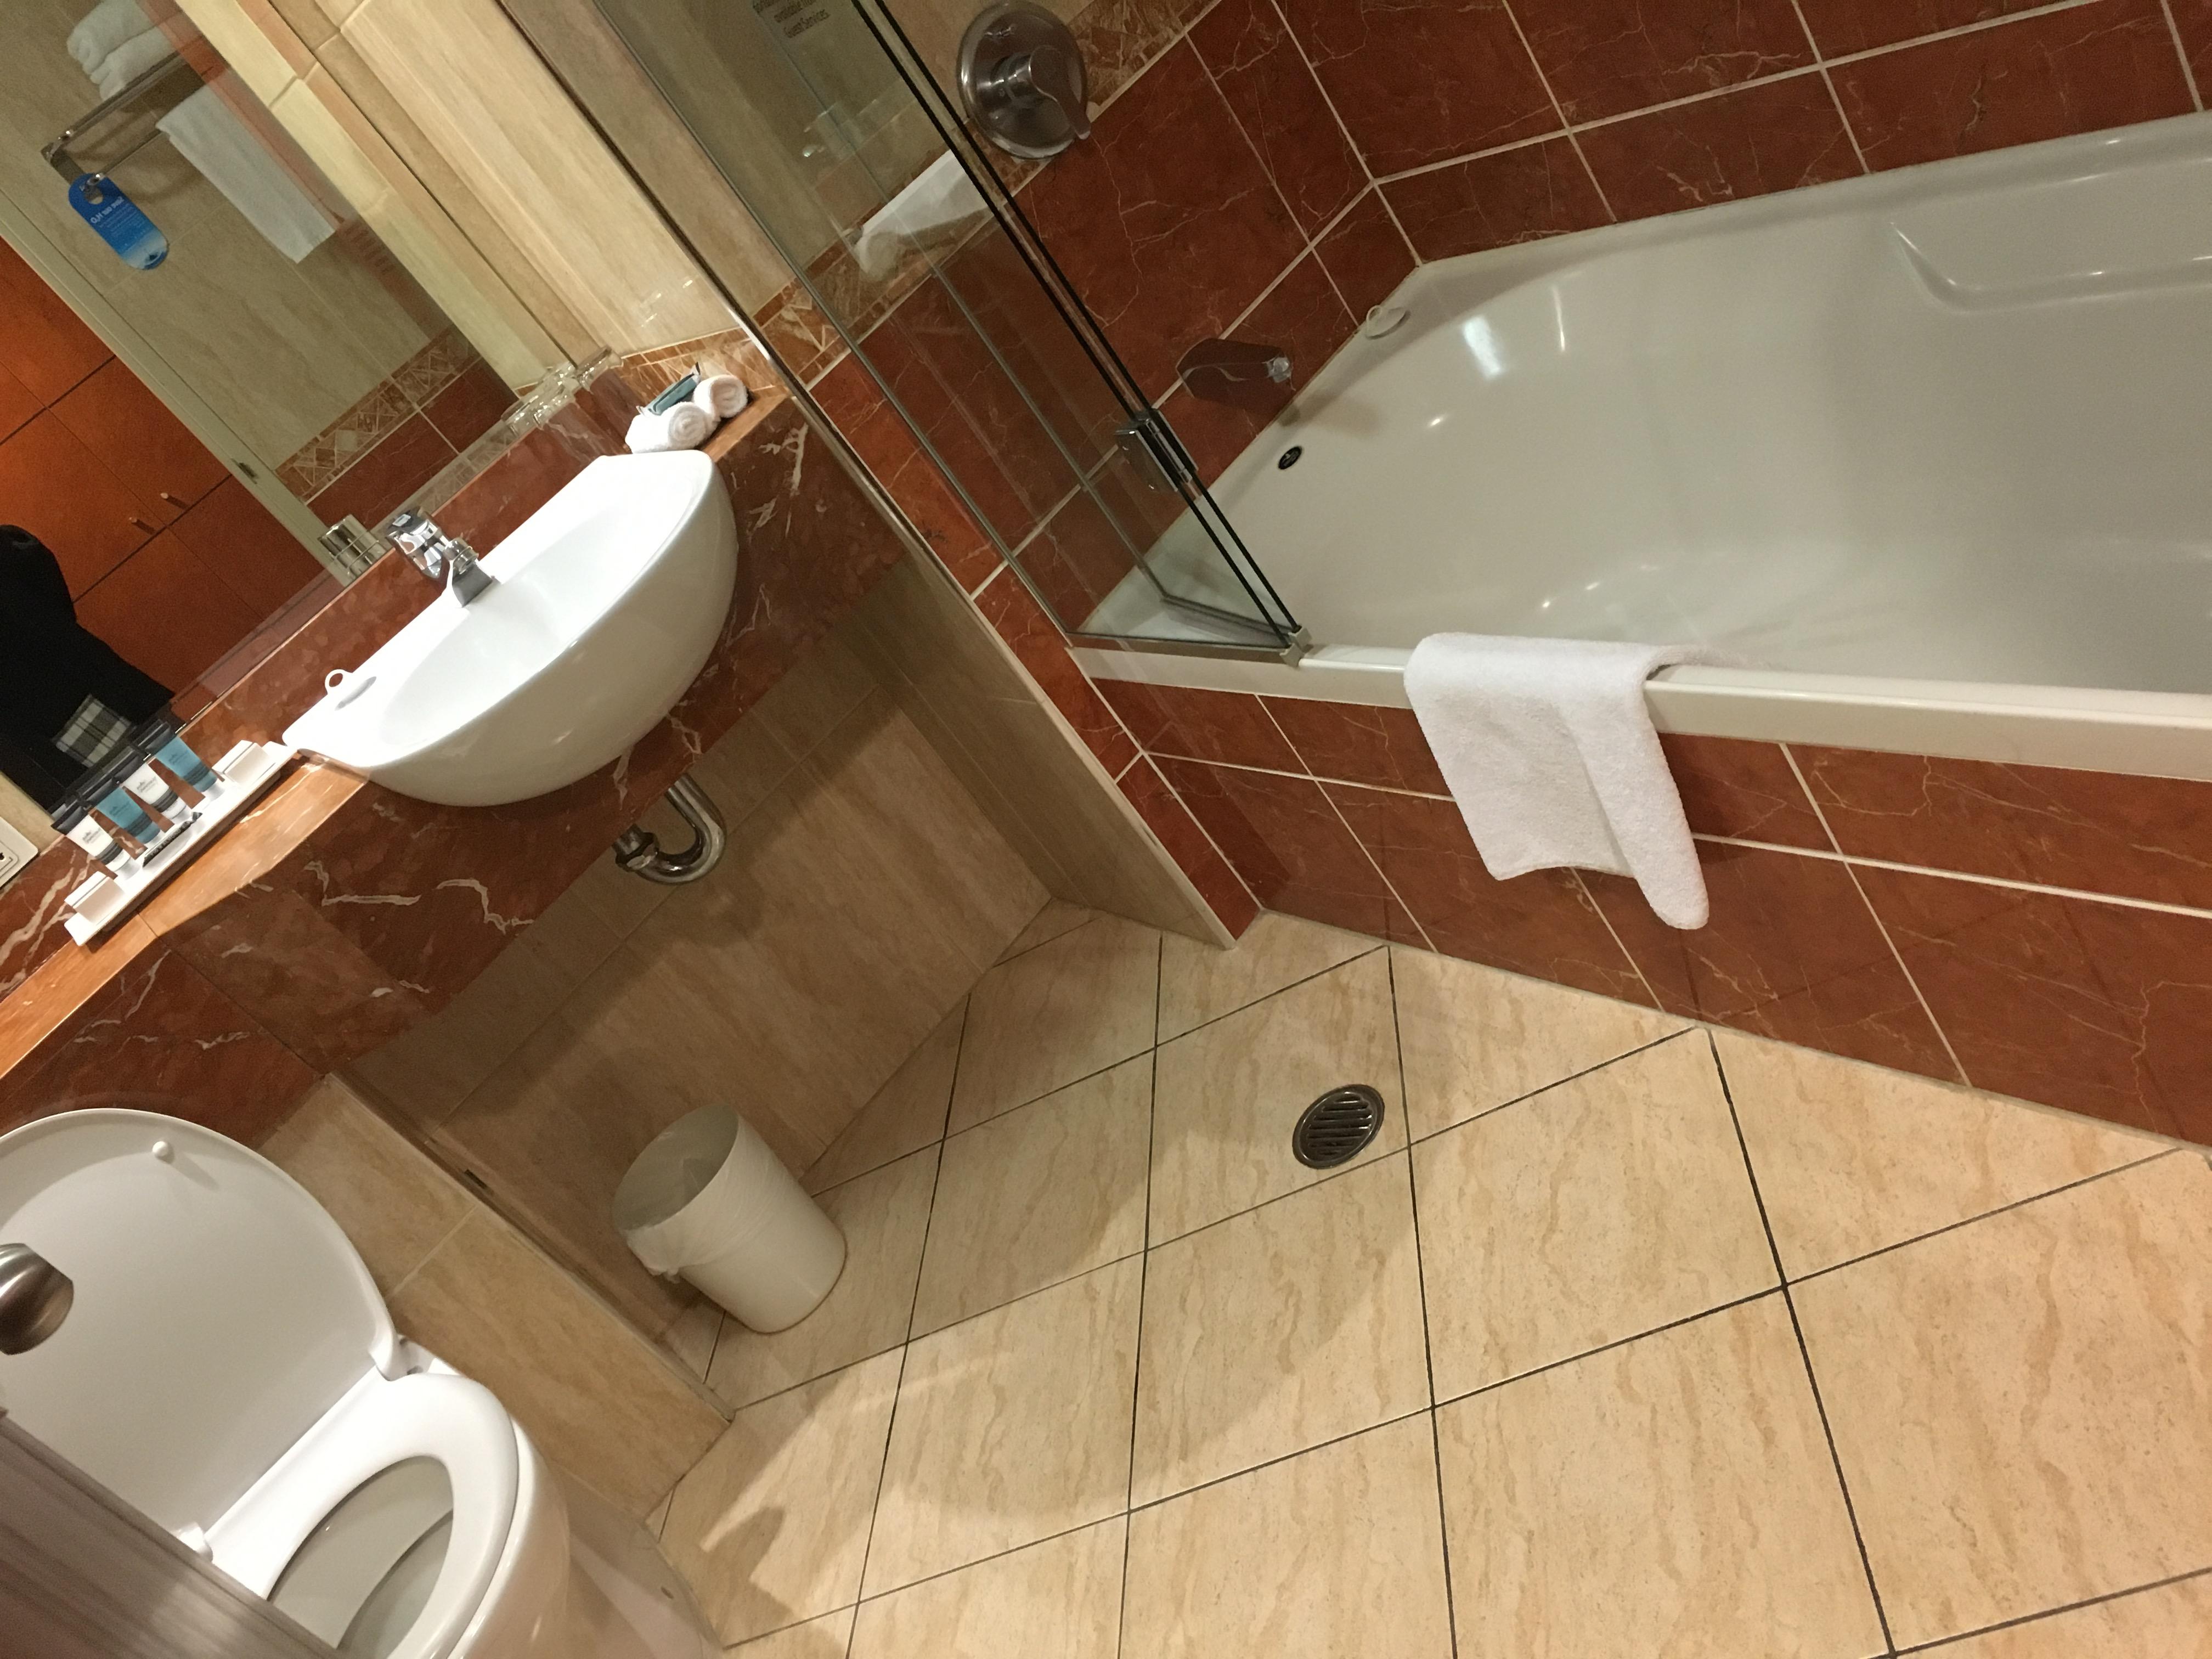 ホテル 風呂